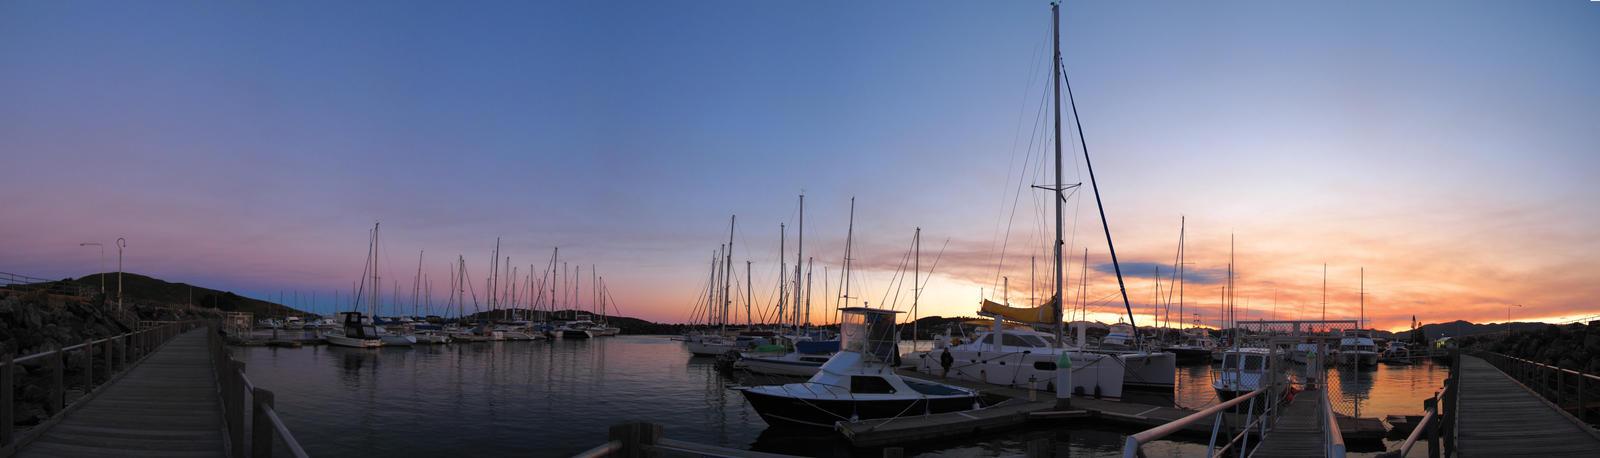 Coffs Harbour Marina by polkovniknades